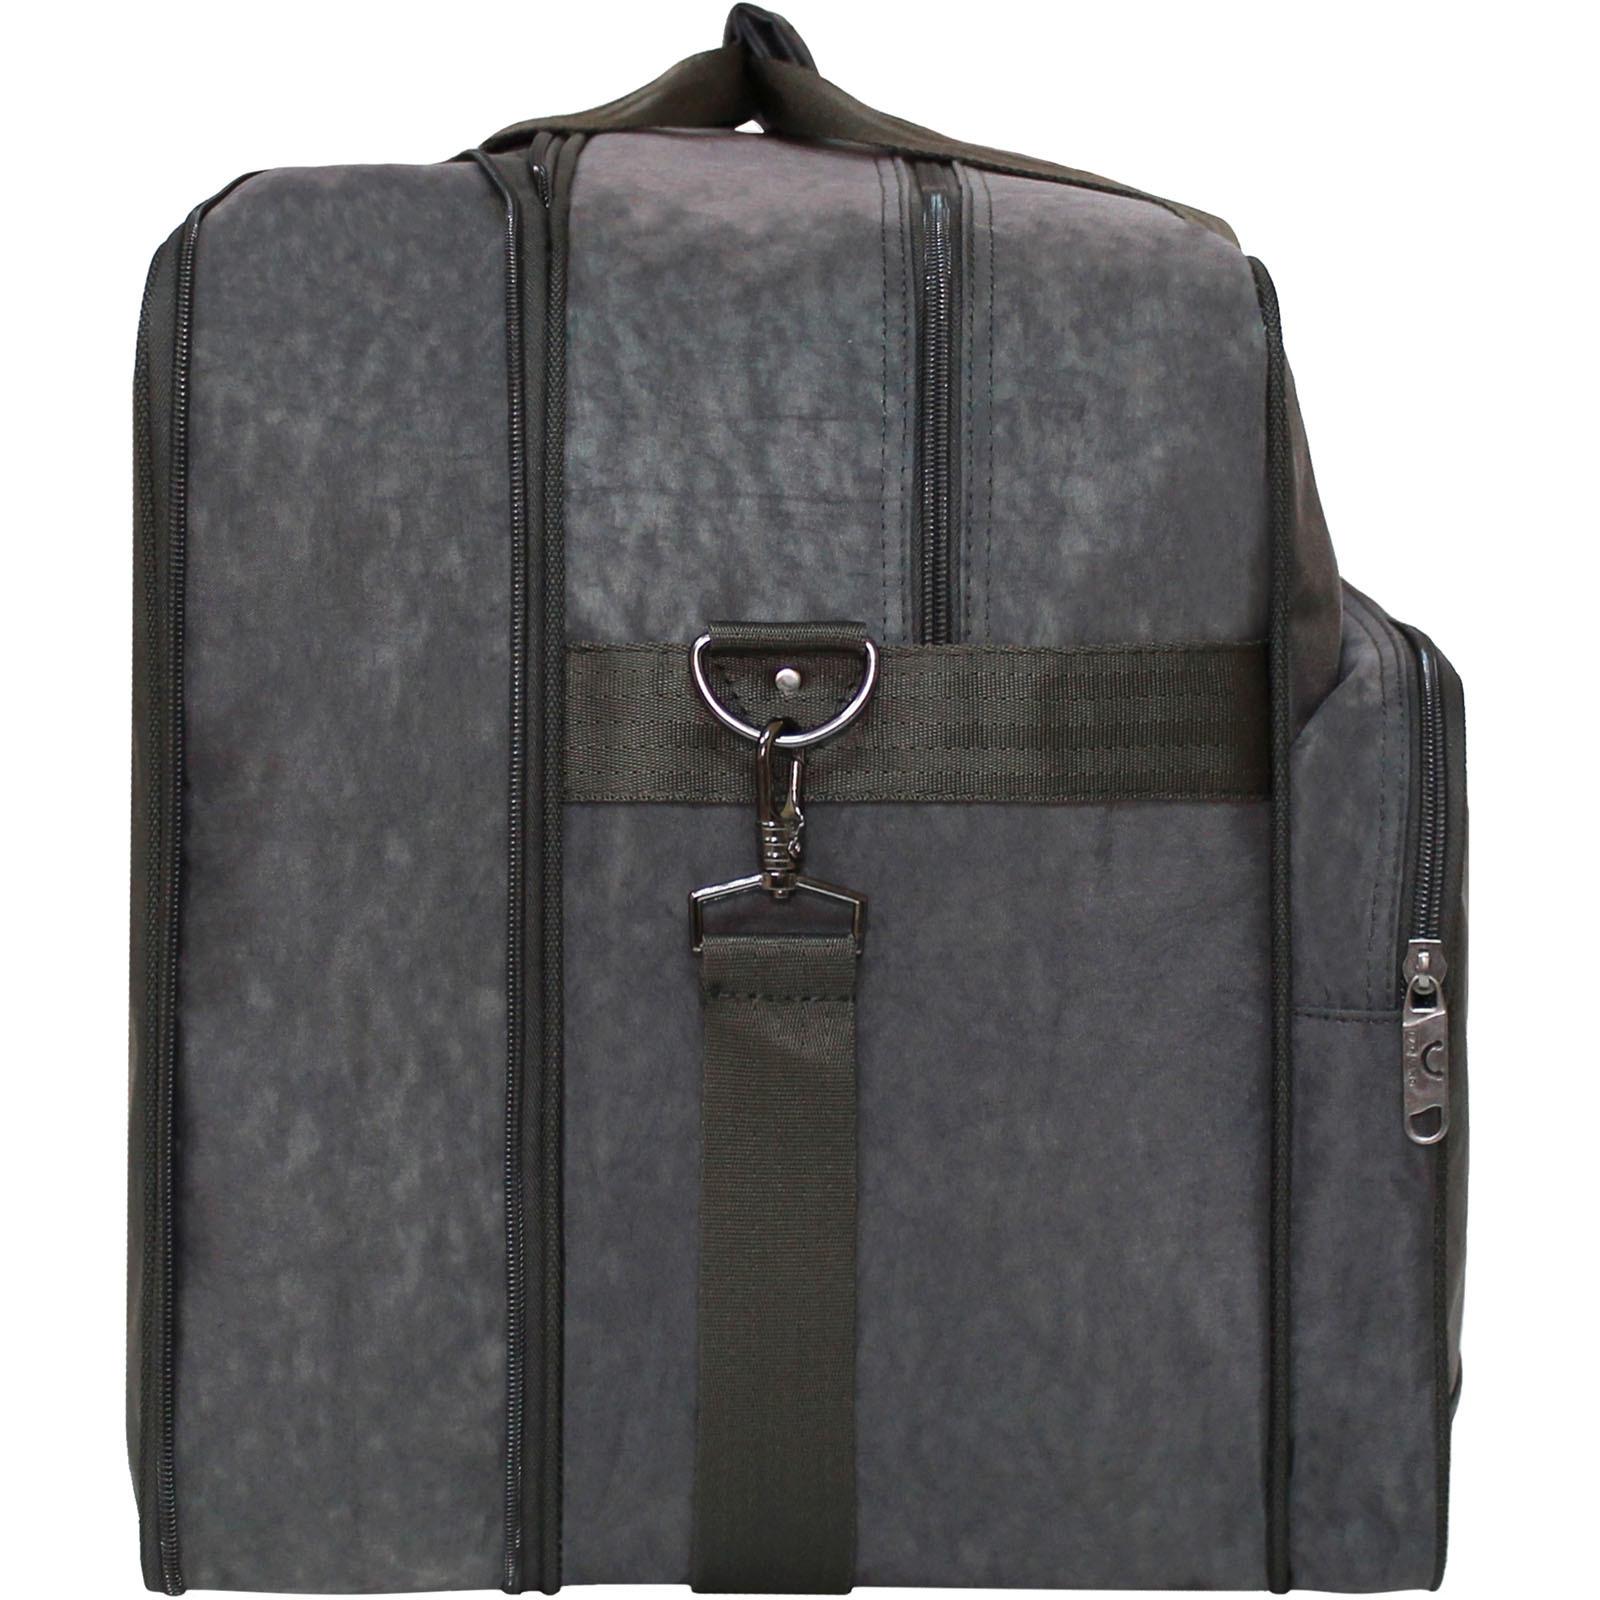 Дорожная сумка Bagland Рига 36 л. 327 хаки (0030370)